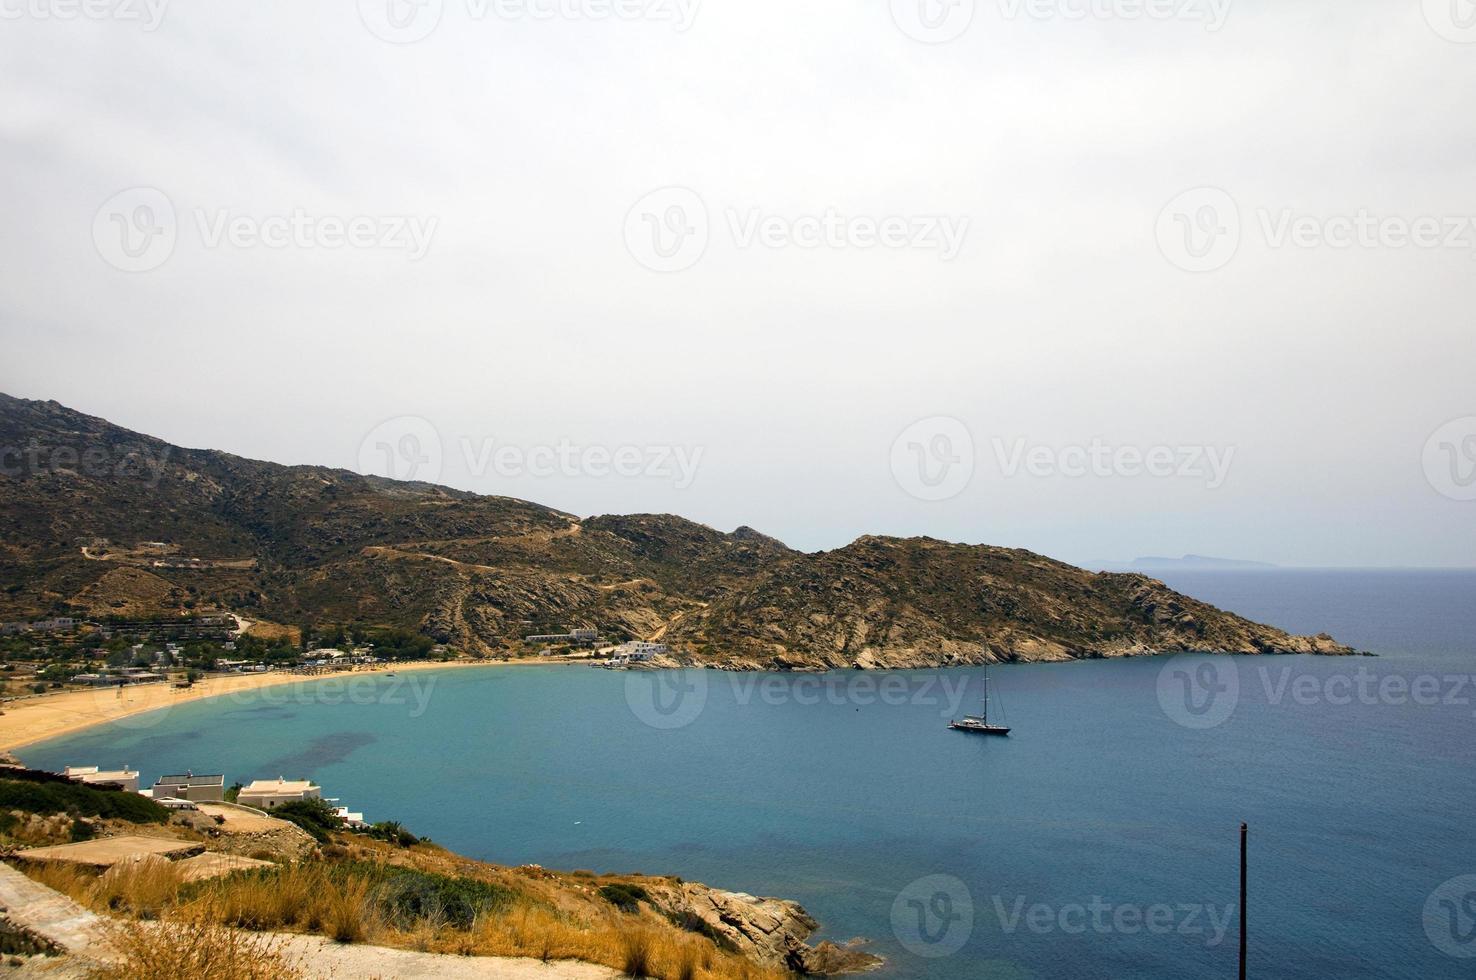 Paisaje de la playa de mylopotas mediterránea isla de ios Cyclades Grecia foto